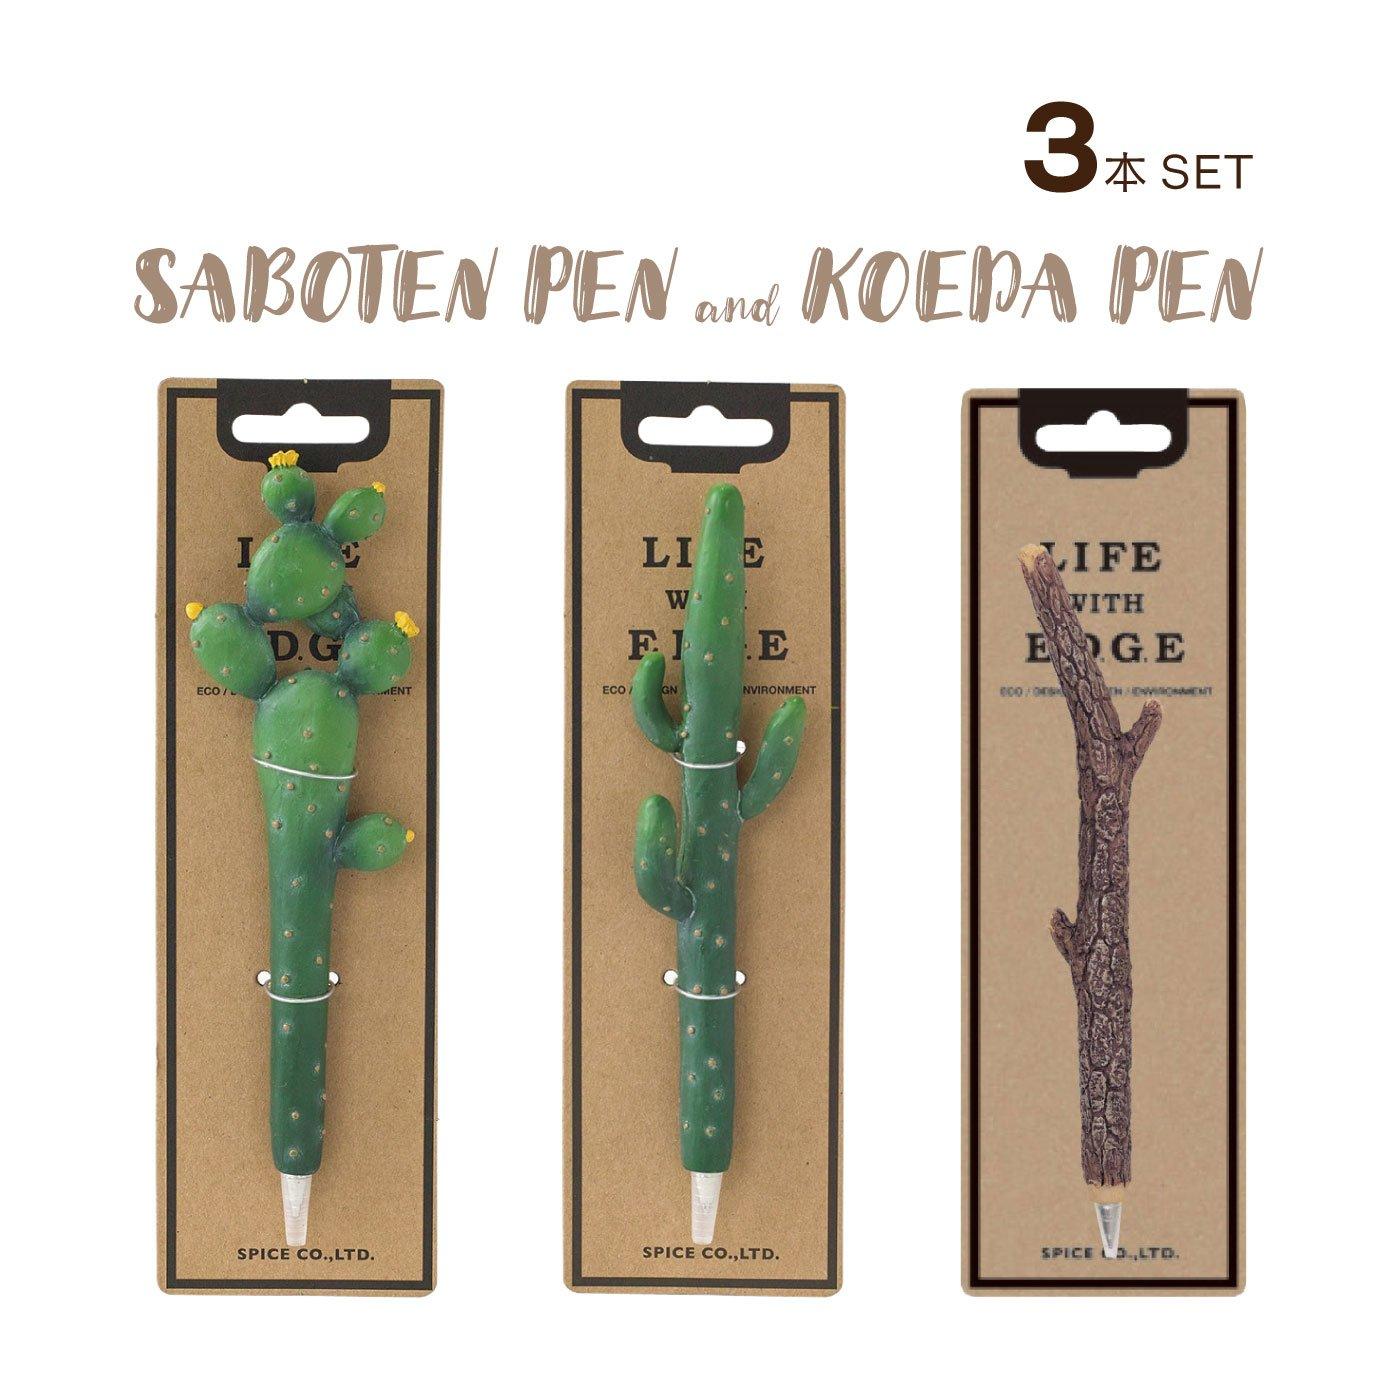 デスク緑化計画中! サボテンペン&小枝ペン 3本セット